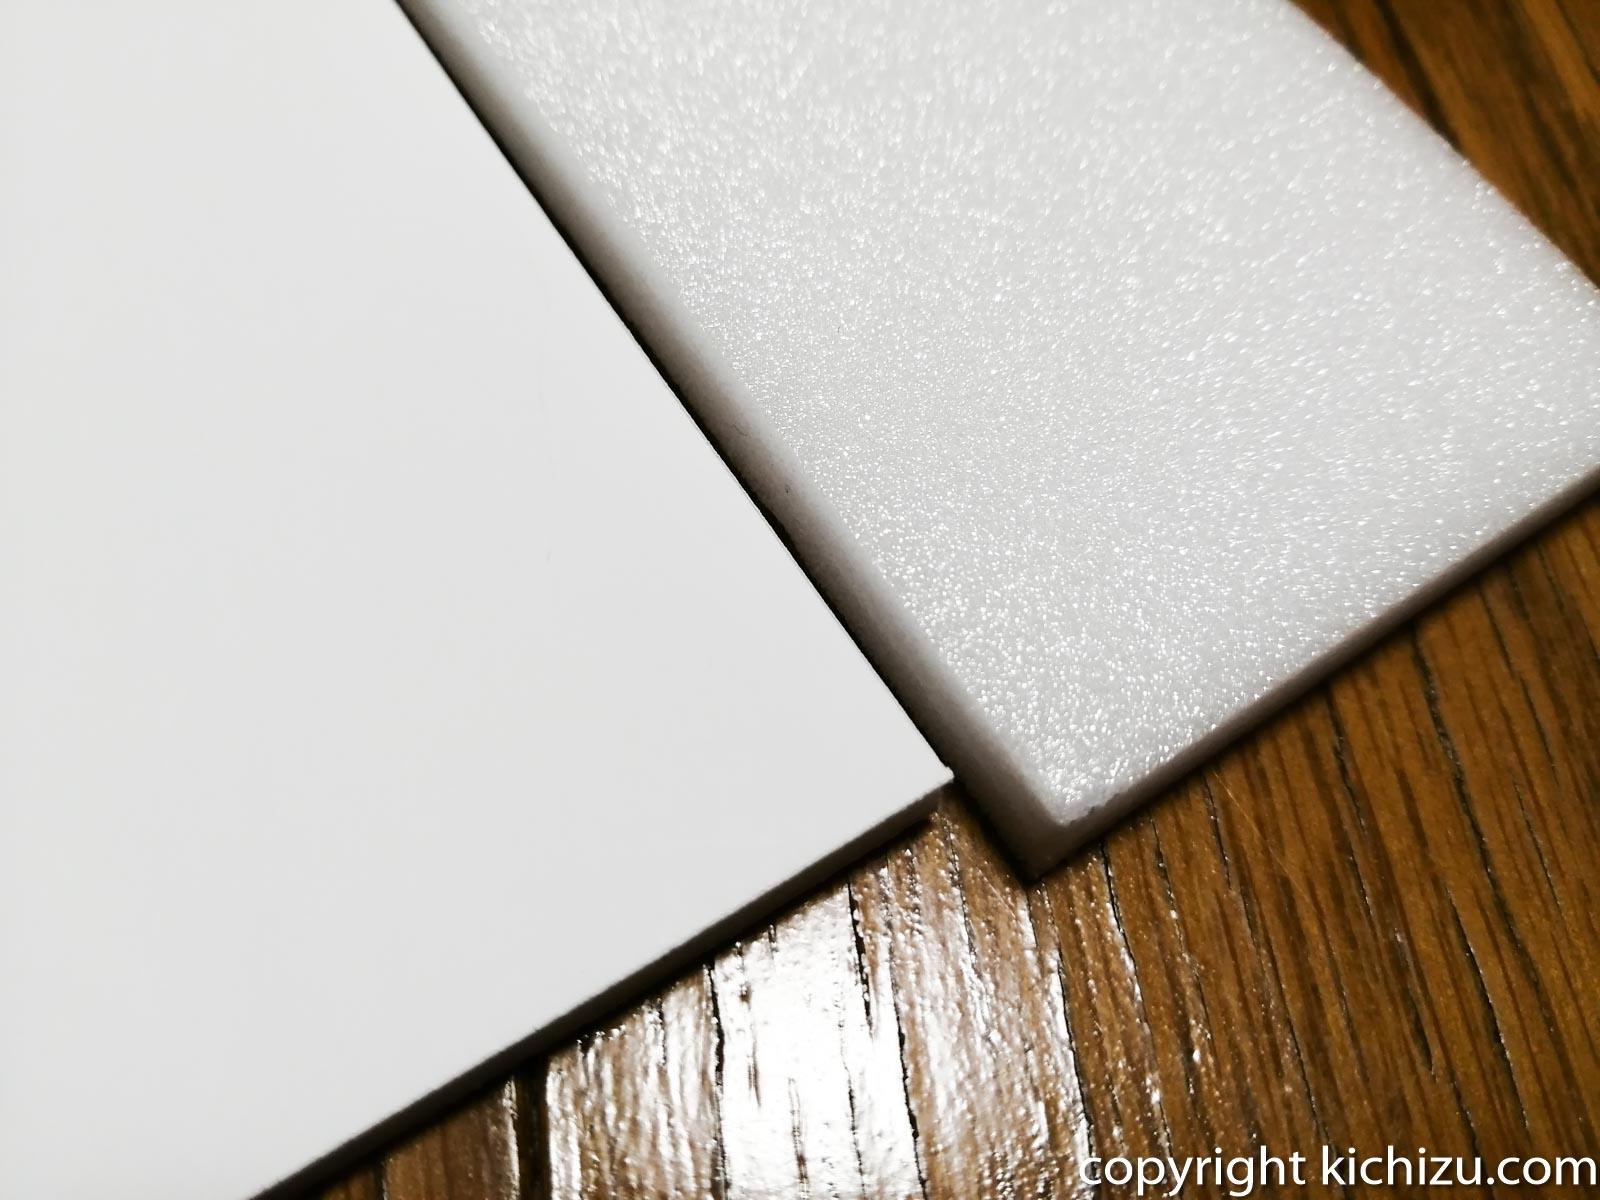 厚さ10 mm と5 mm のカラーボードの比較その2